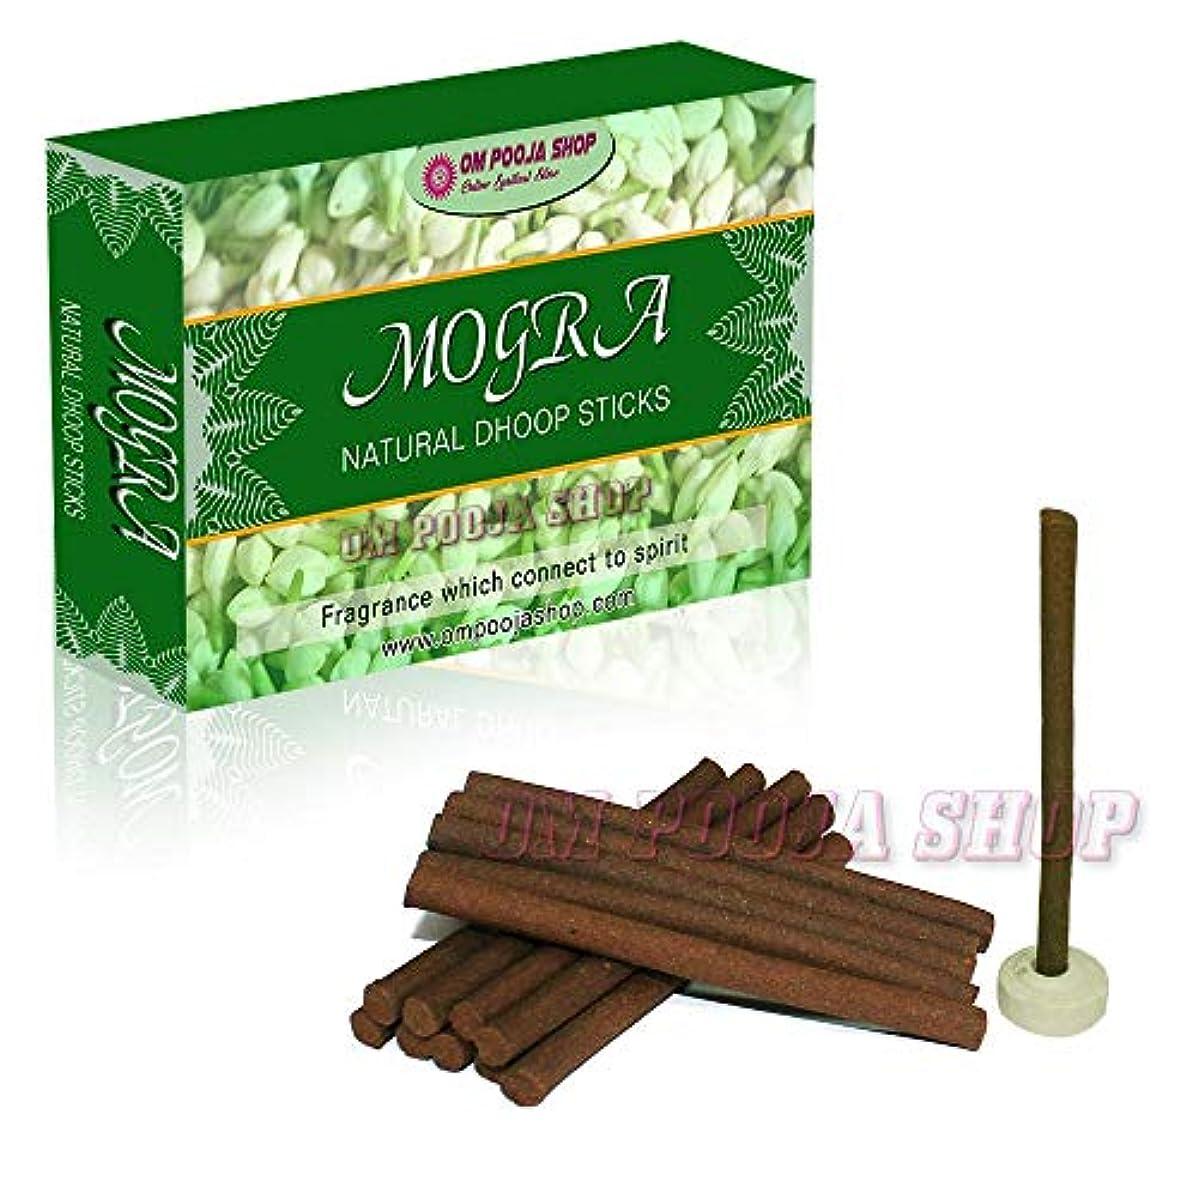 と臭い精算Om Pooja Shop Mogra (ジャスミンの花) 天然のフープスティック 100本